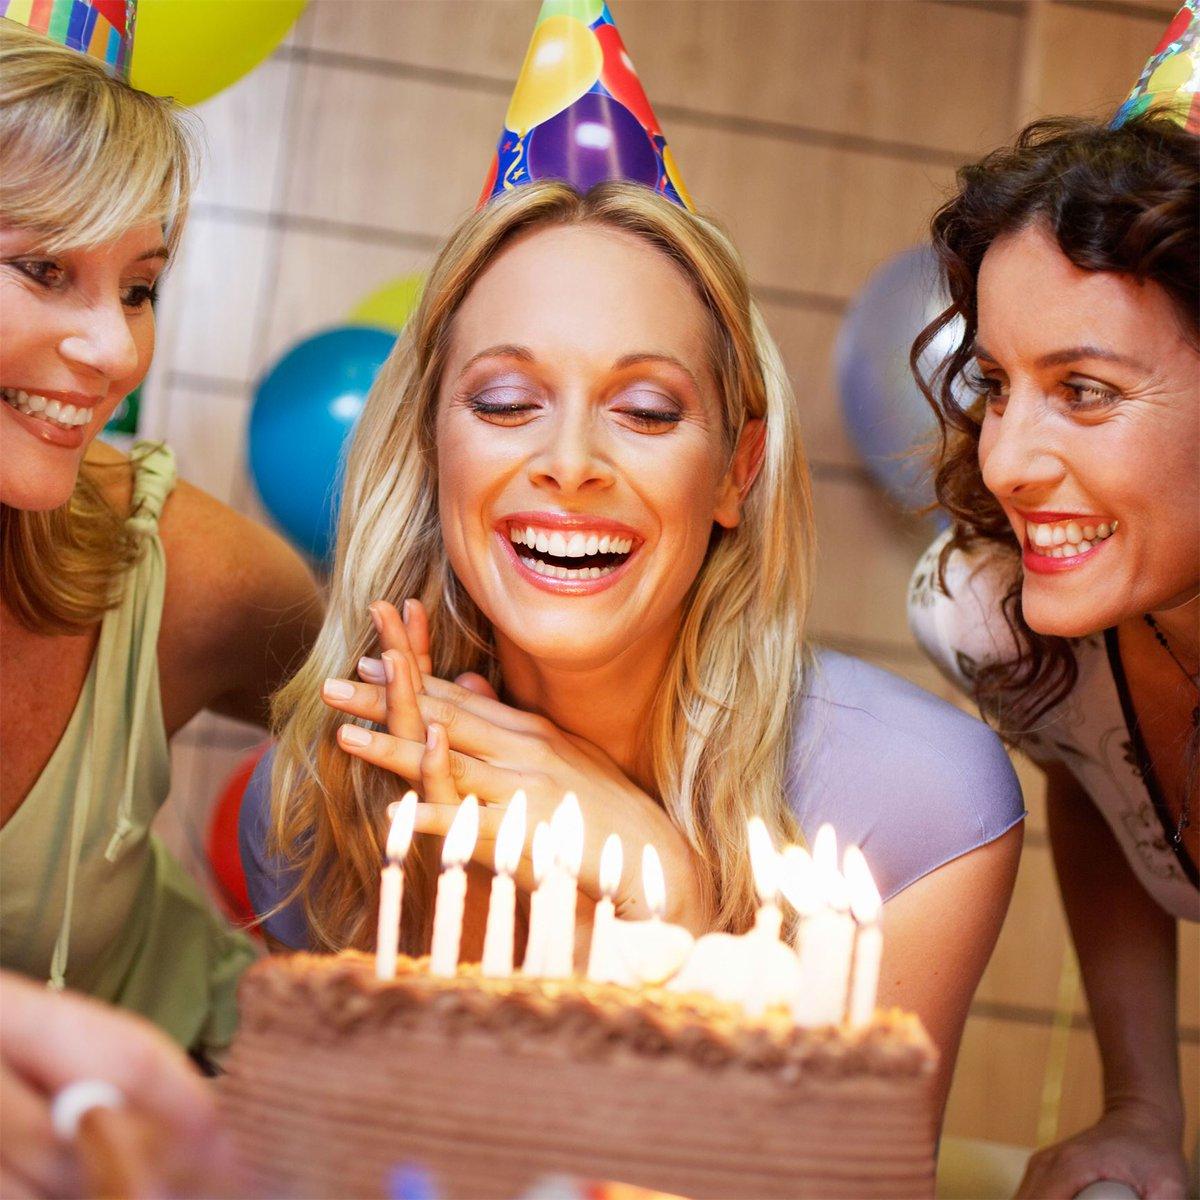 Конкурсы поздравления из людей ко дню рождения